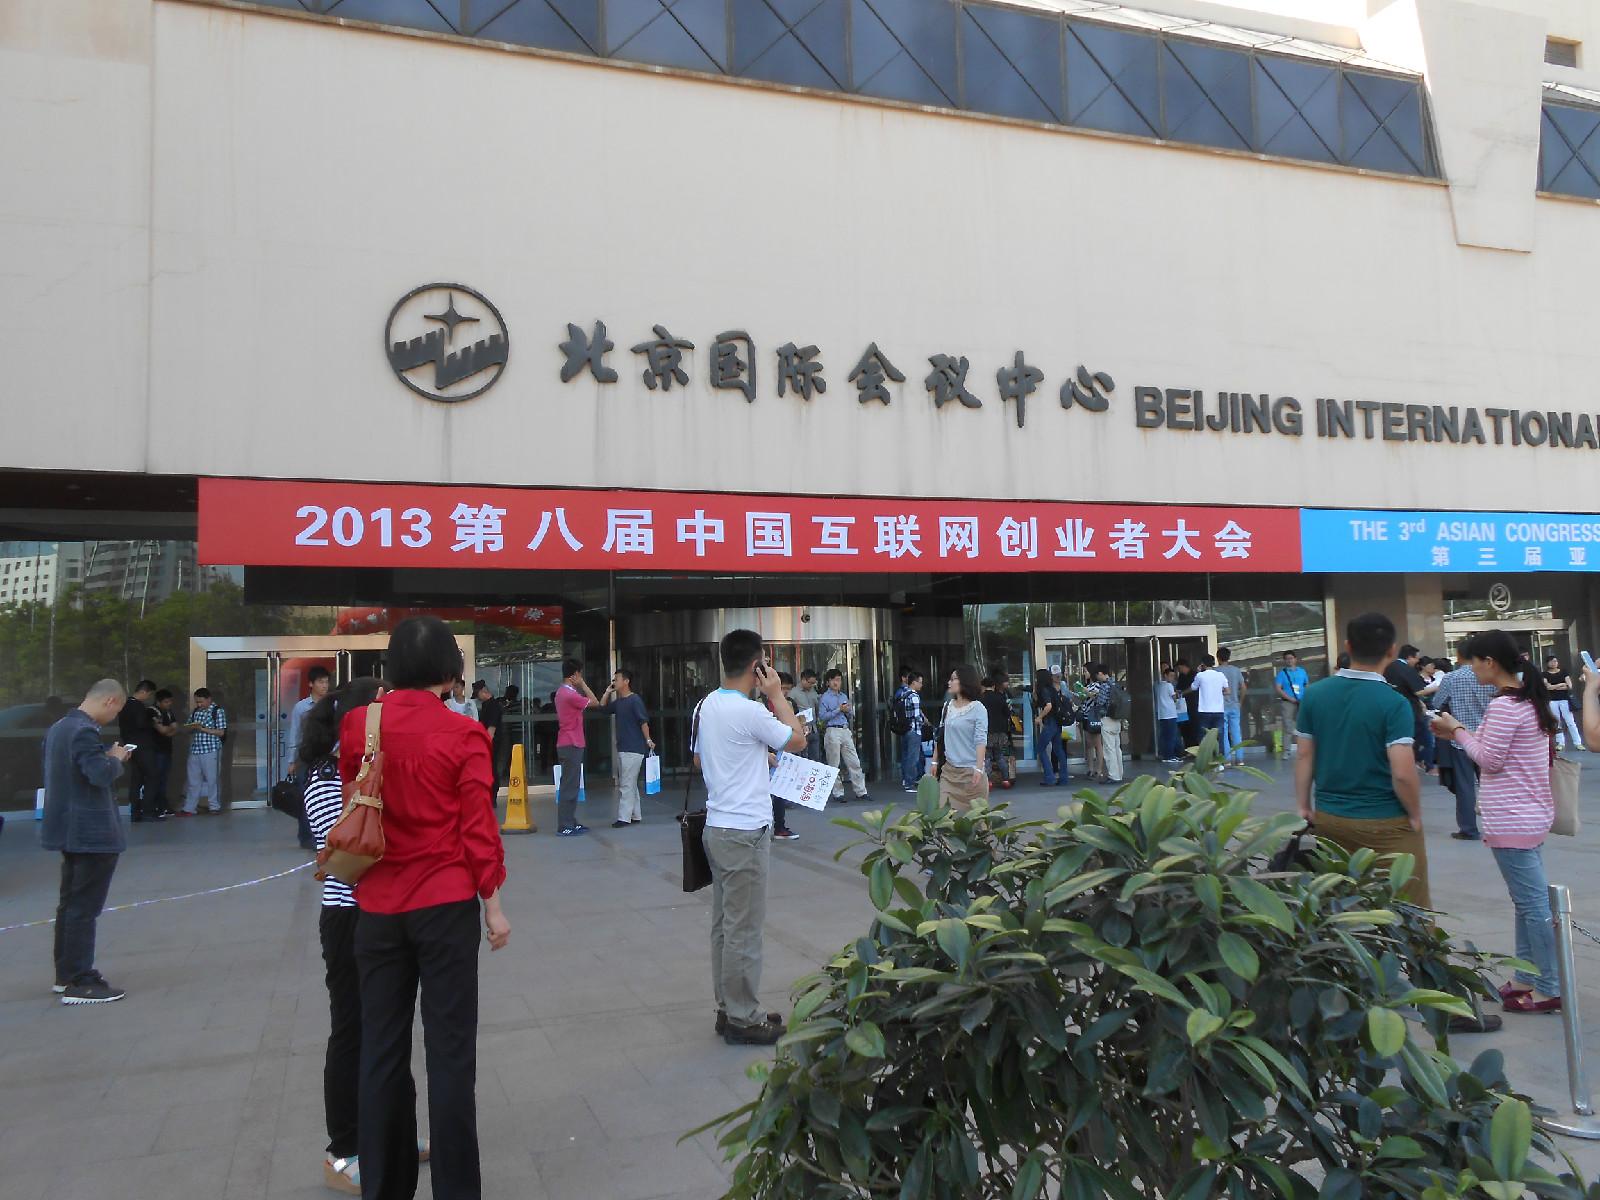 尚春泽参加2013中国互联网创业者大会图集